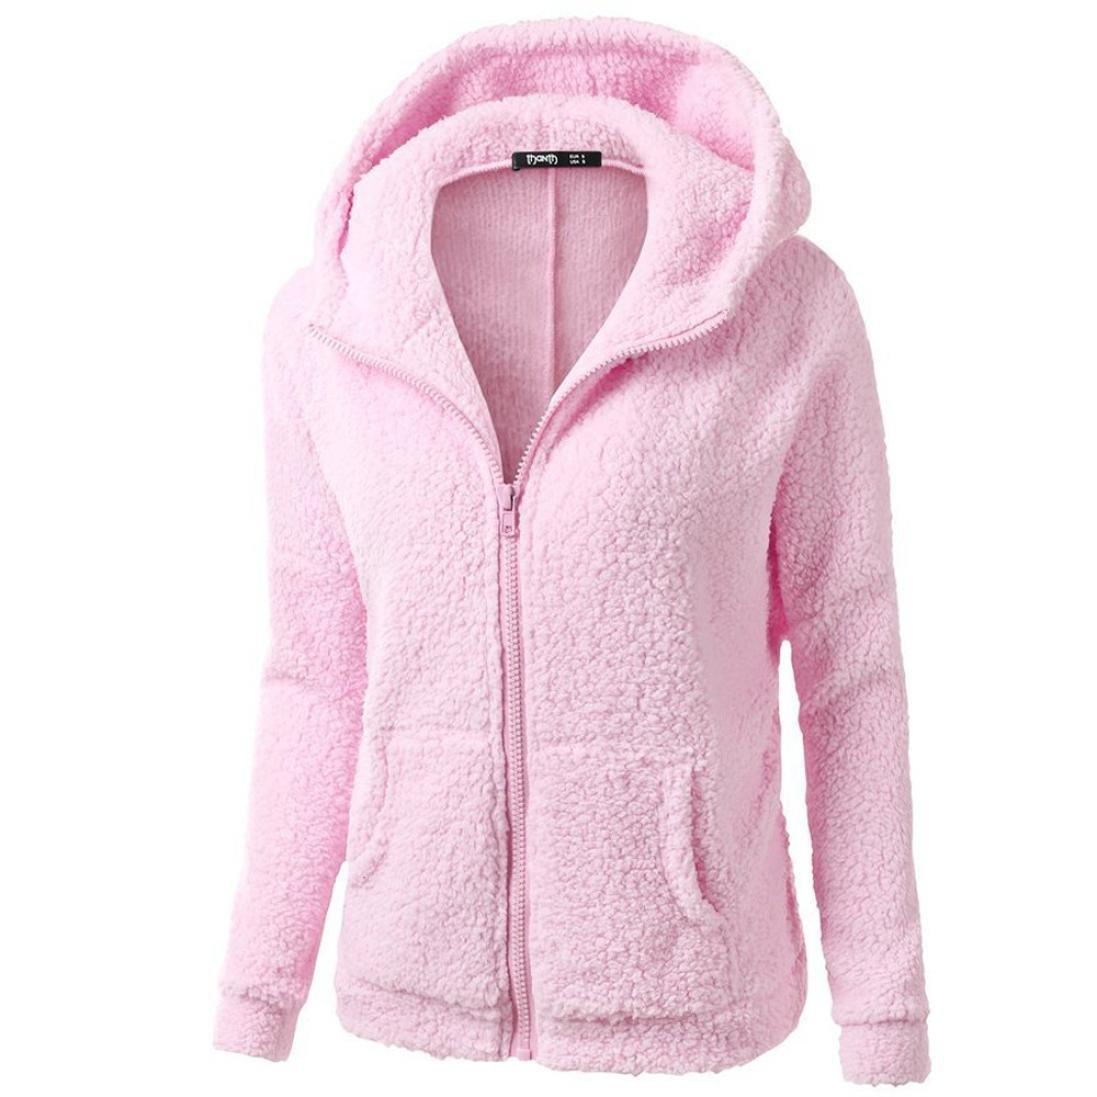 Willsa Winter Coat Warm Wool Zipper Hoodies For Women Plus Size